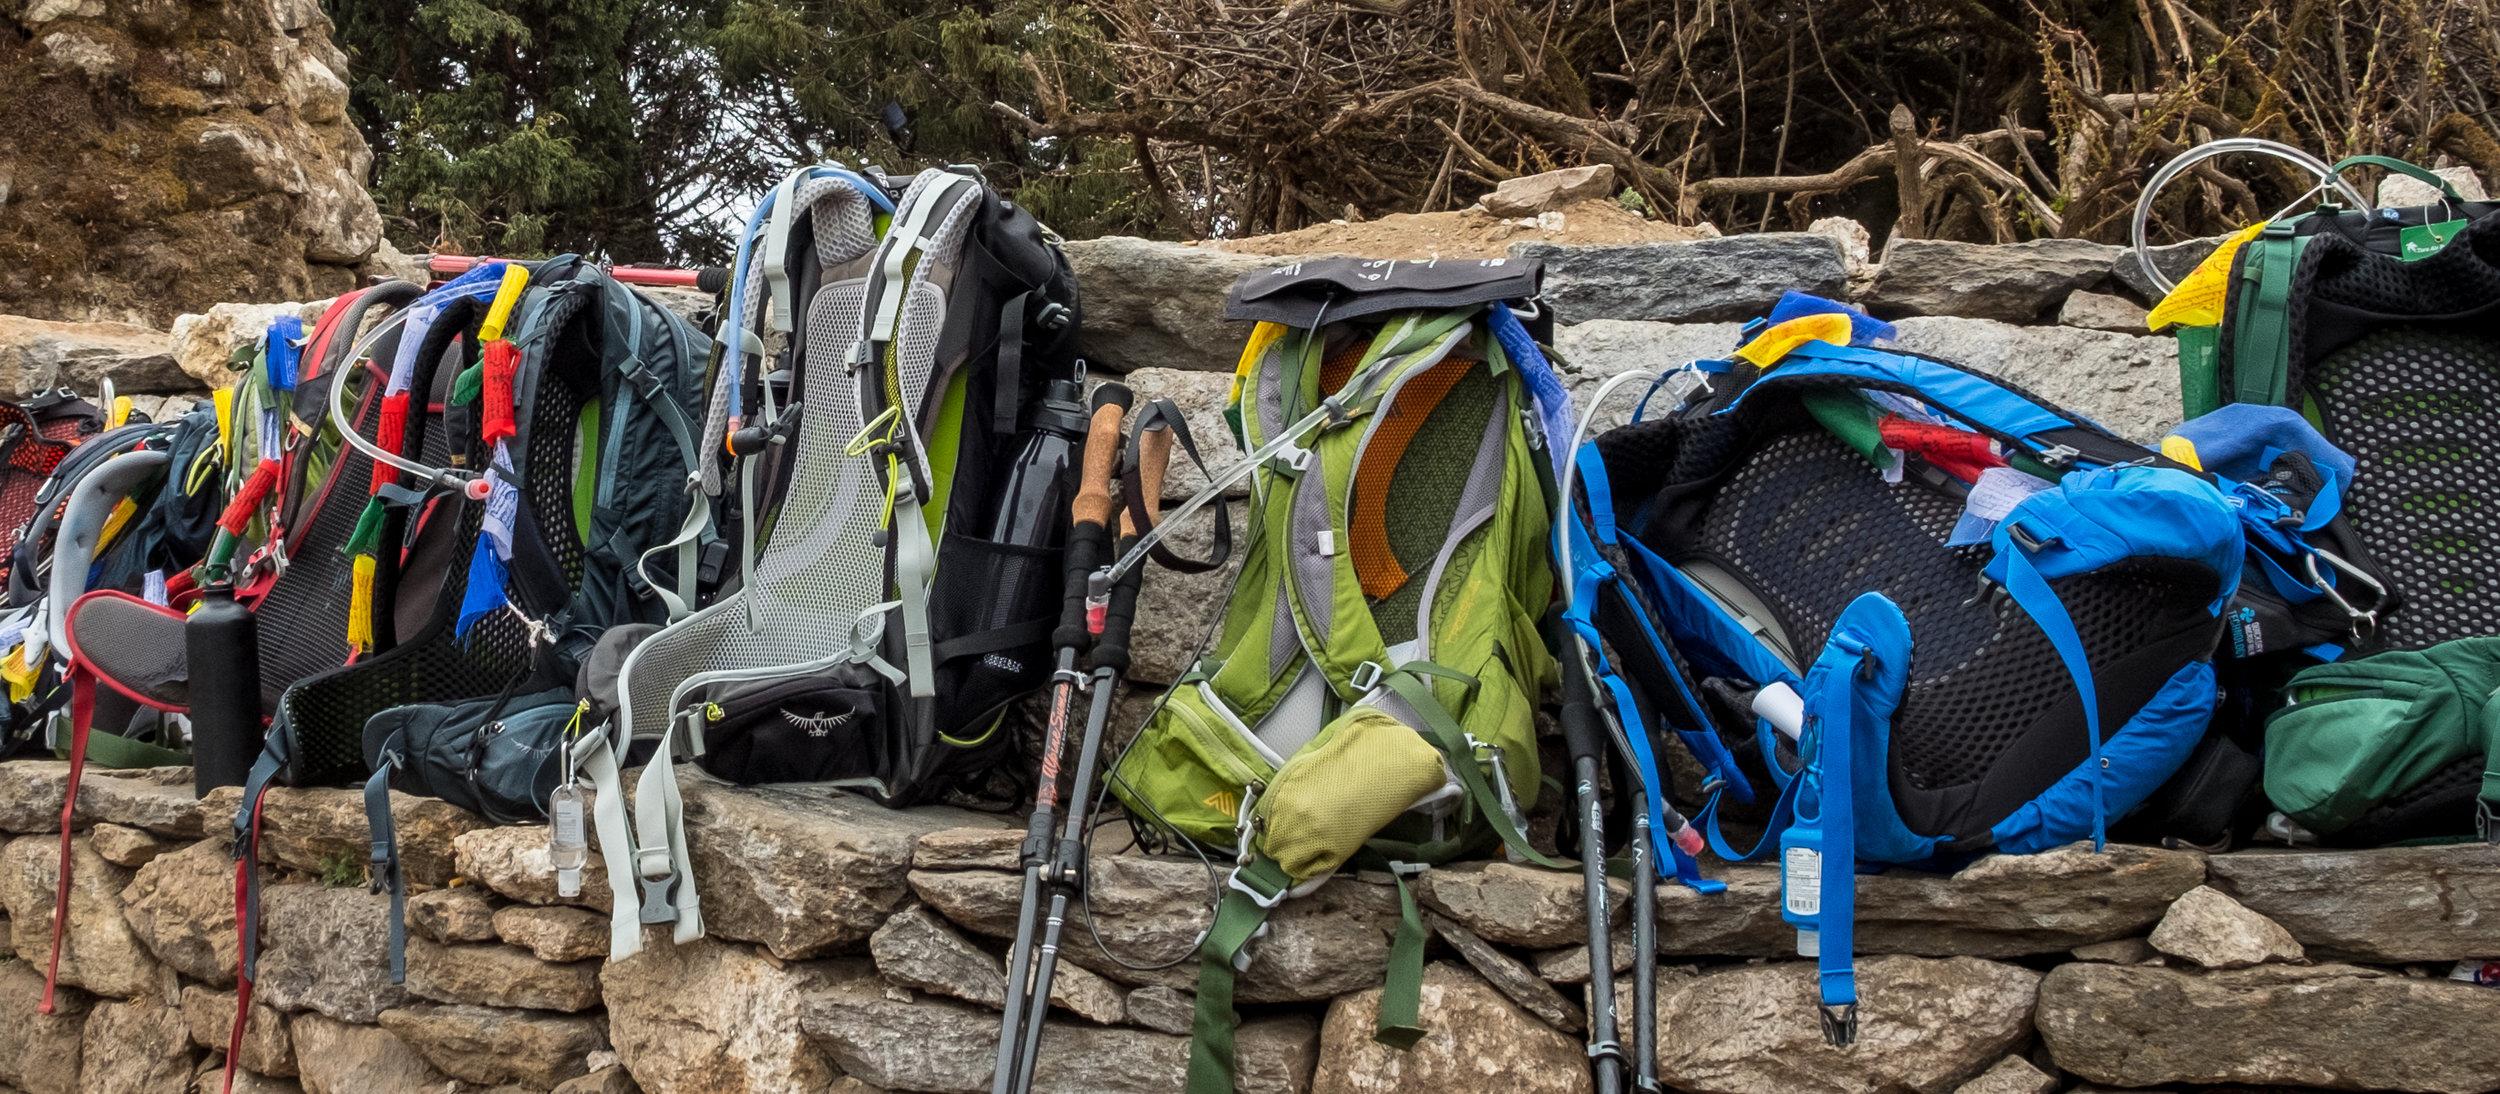 Trekker's packs in Tengboche, Nepal.